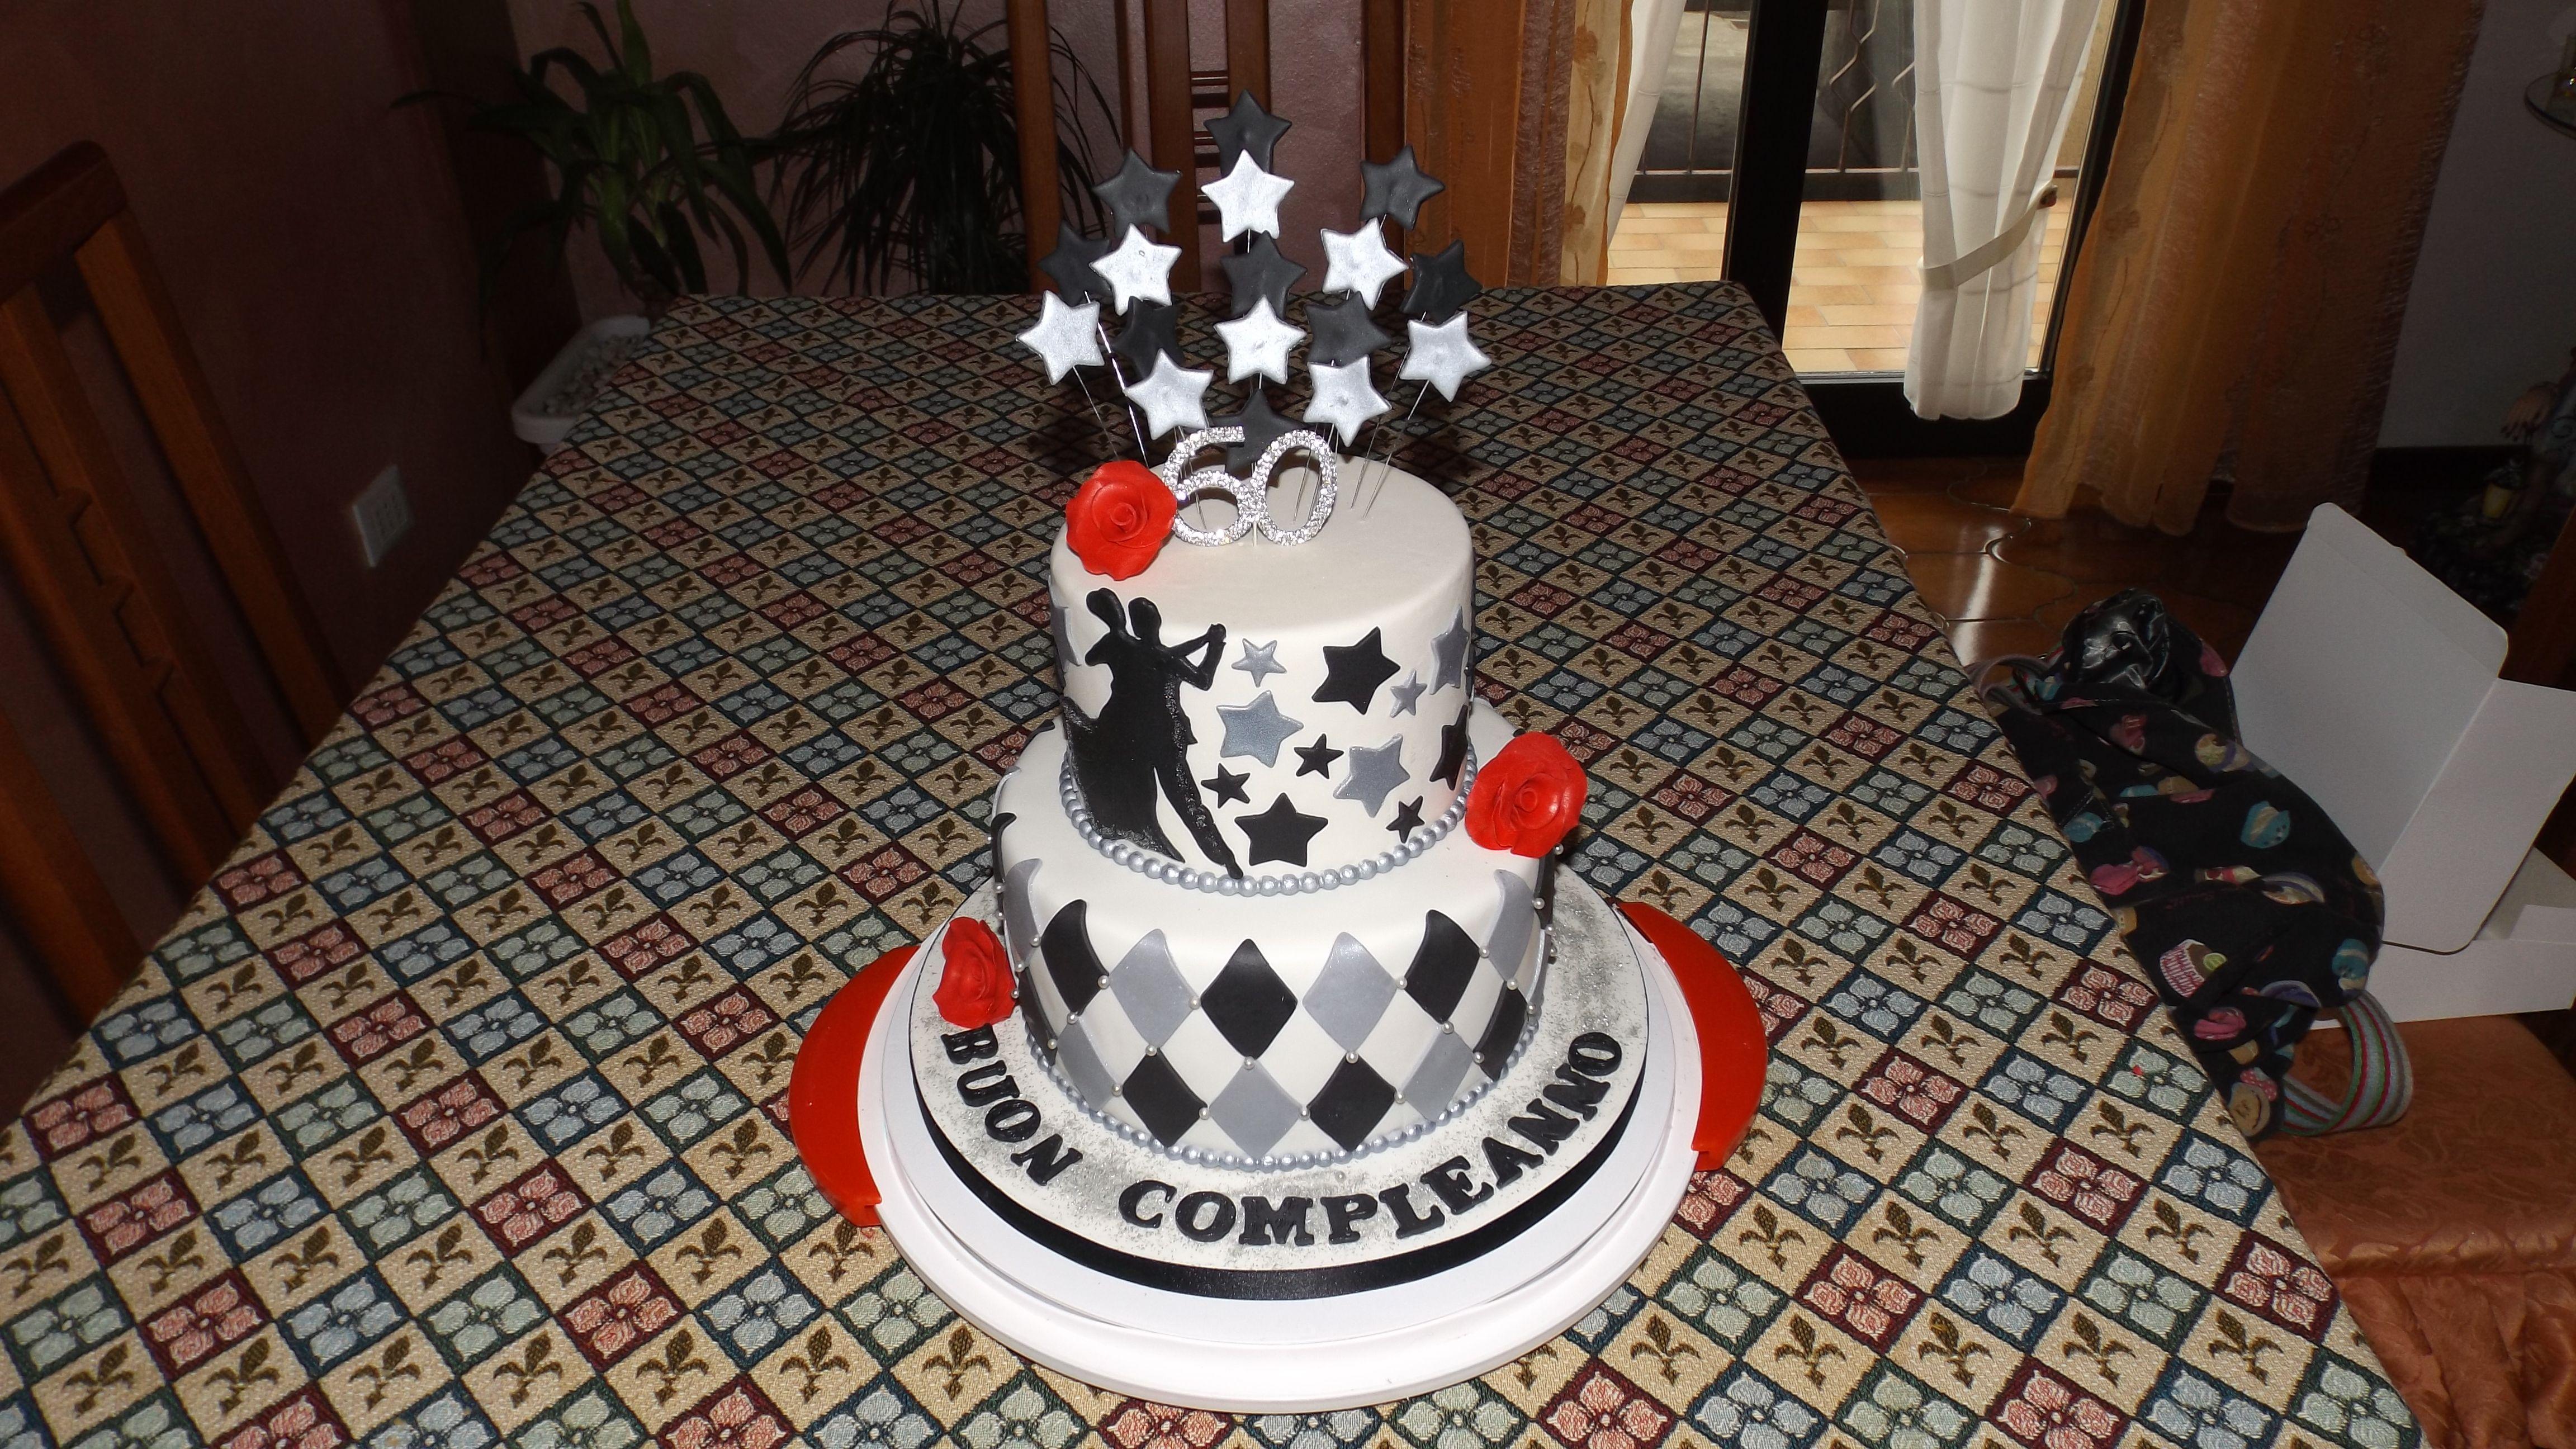 Torta compleanno 60 anni la tortivendola cake design for Decorazioni per torta 60 anni